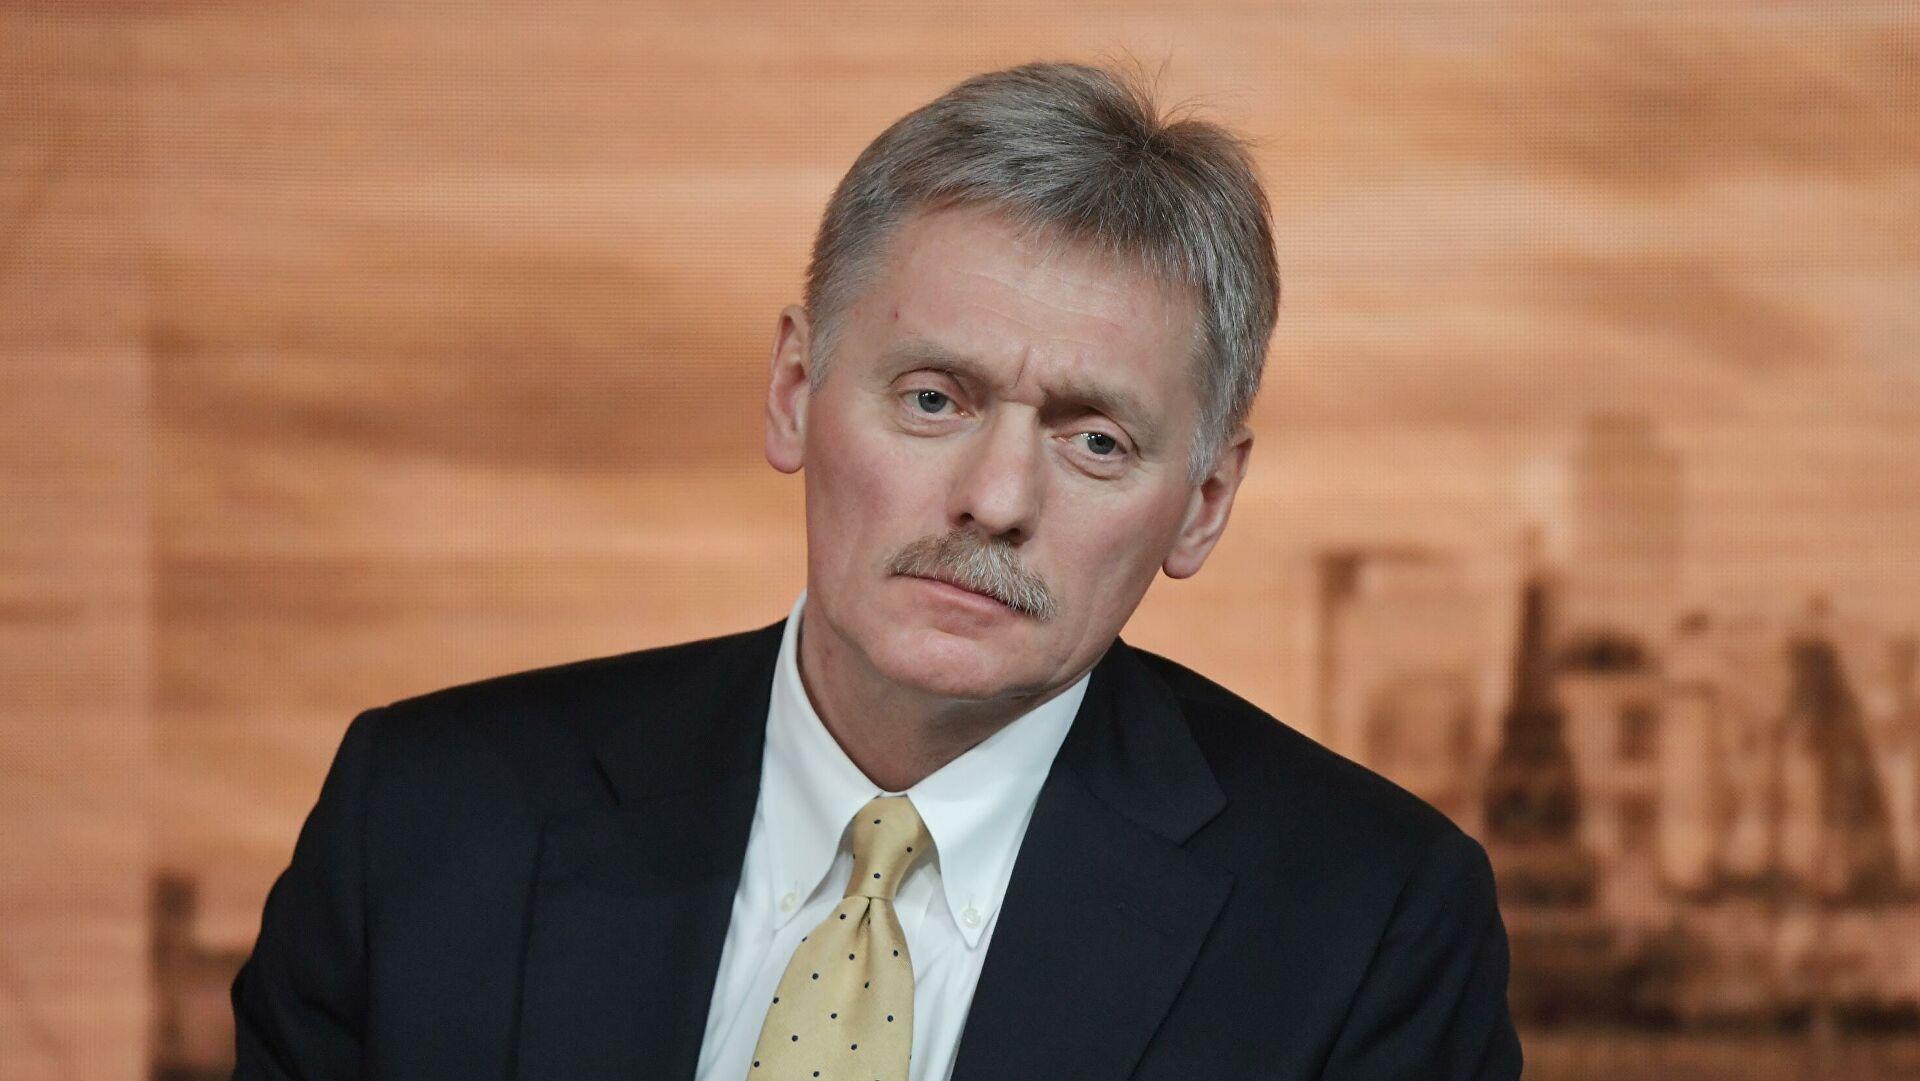 Песков: Не постоје никакви фактори који би могли негативно утицати на односе Русије и Немачке